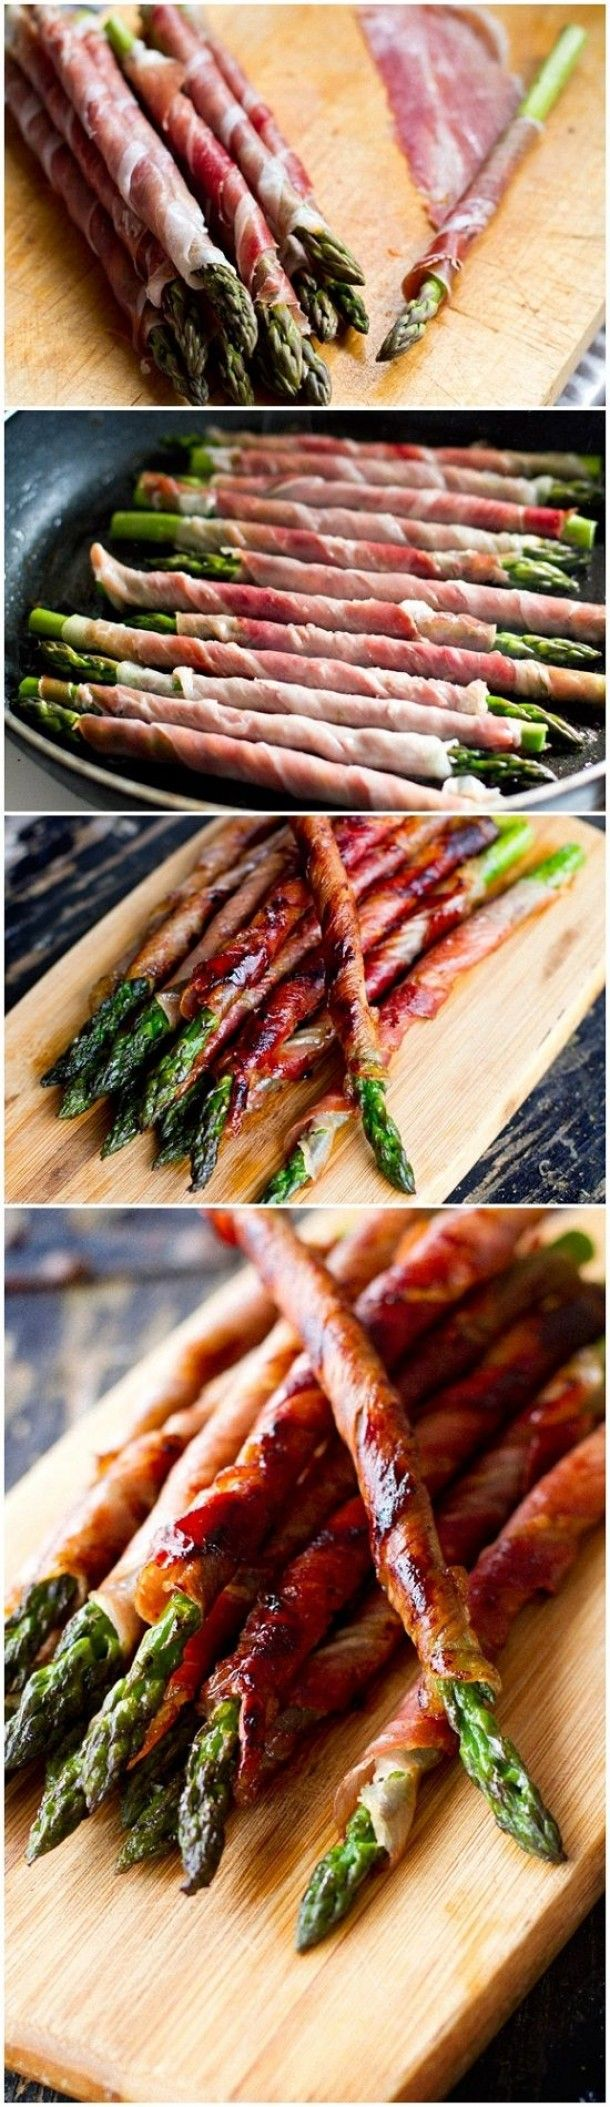 Prosciutto wrapped asparagus http://papasteves.com